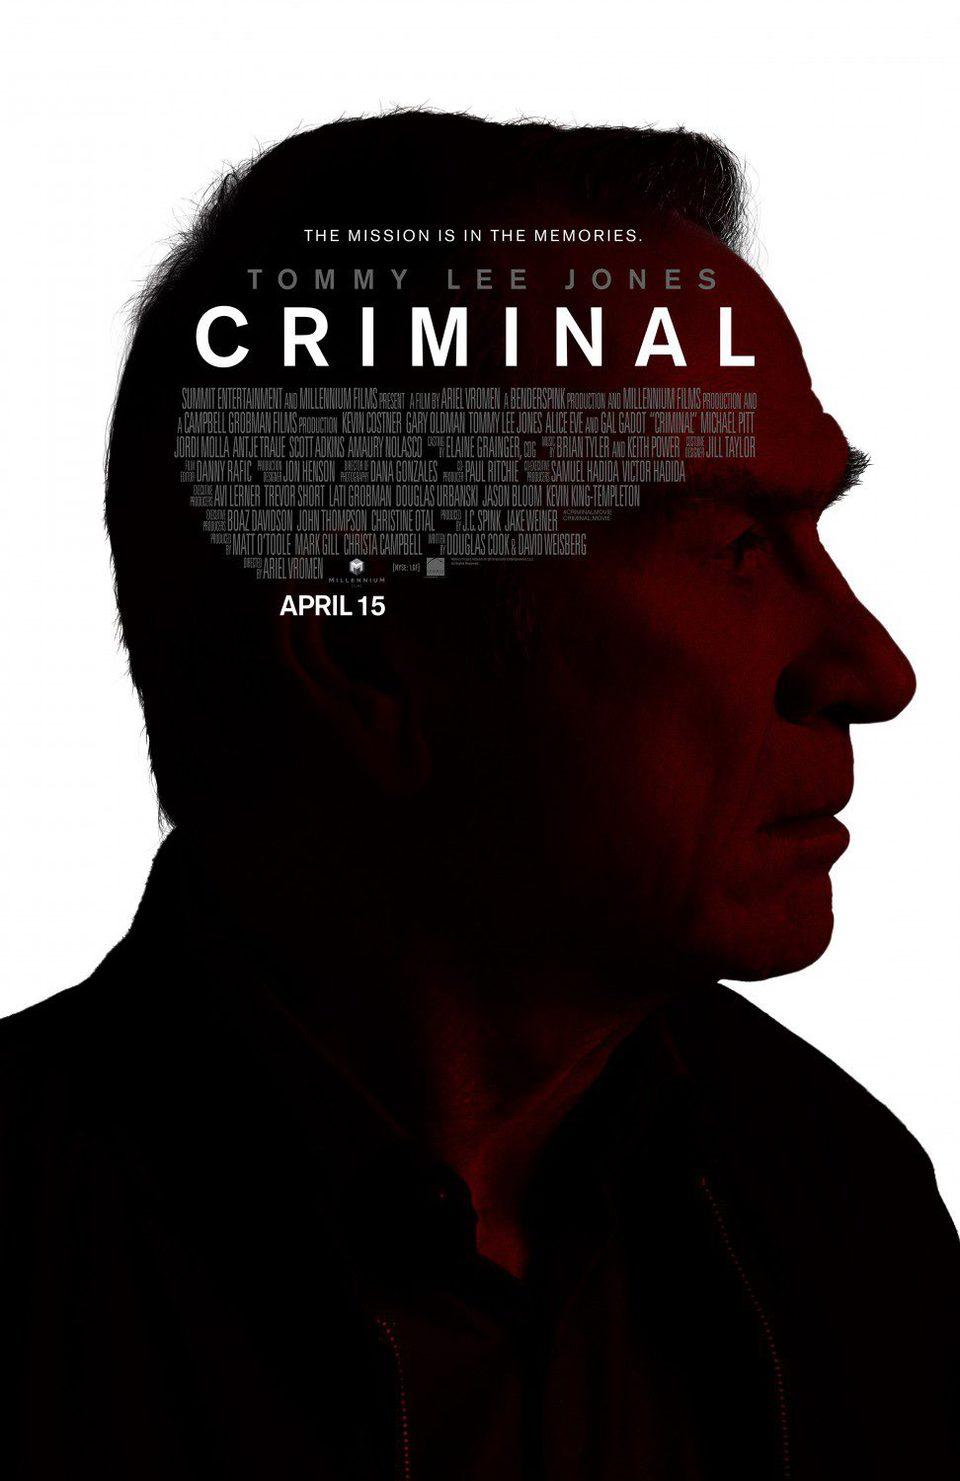 Tommy Lee Jones poster for Criminal